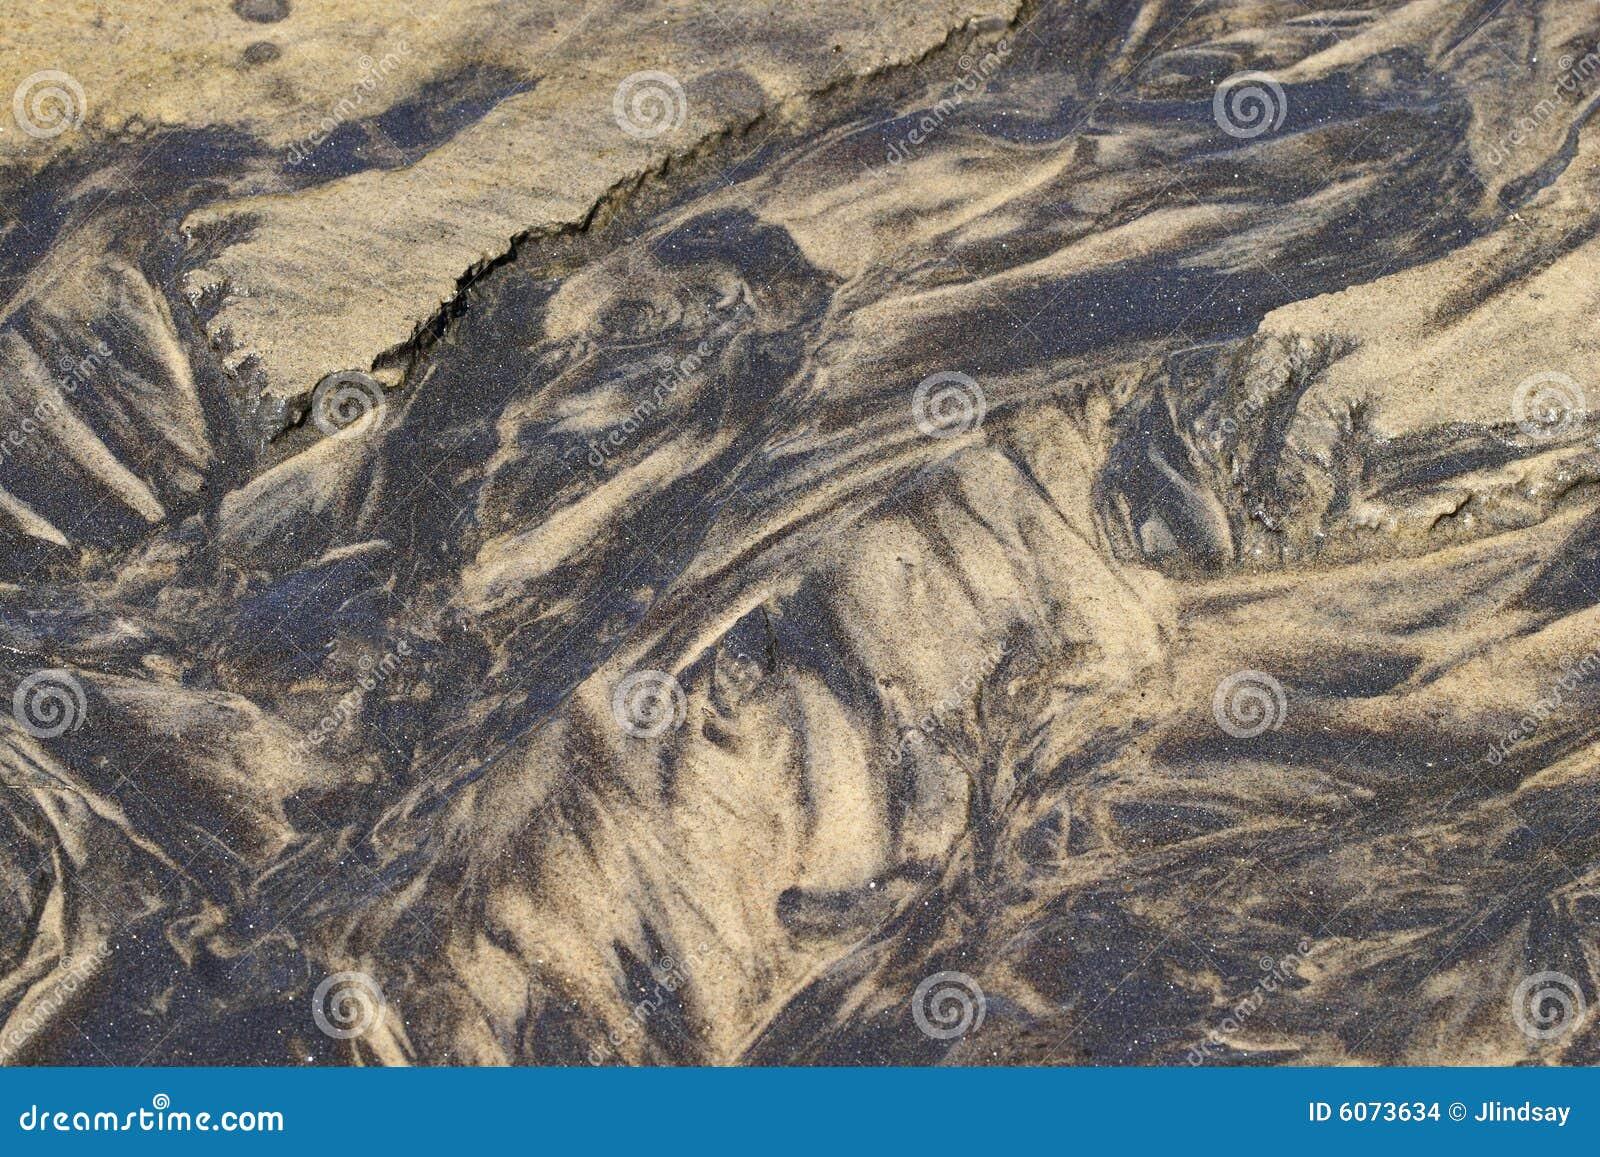 Configurations de sable dans un rivulet